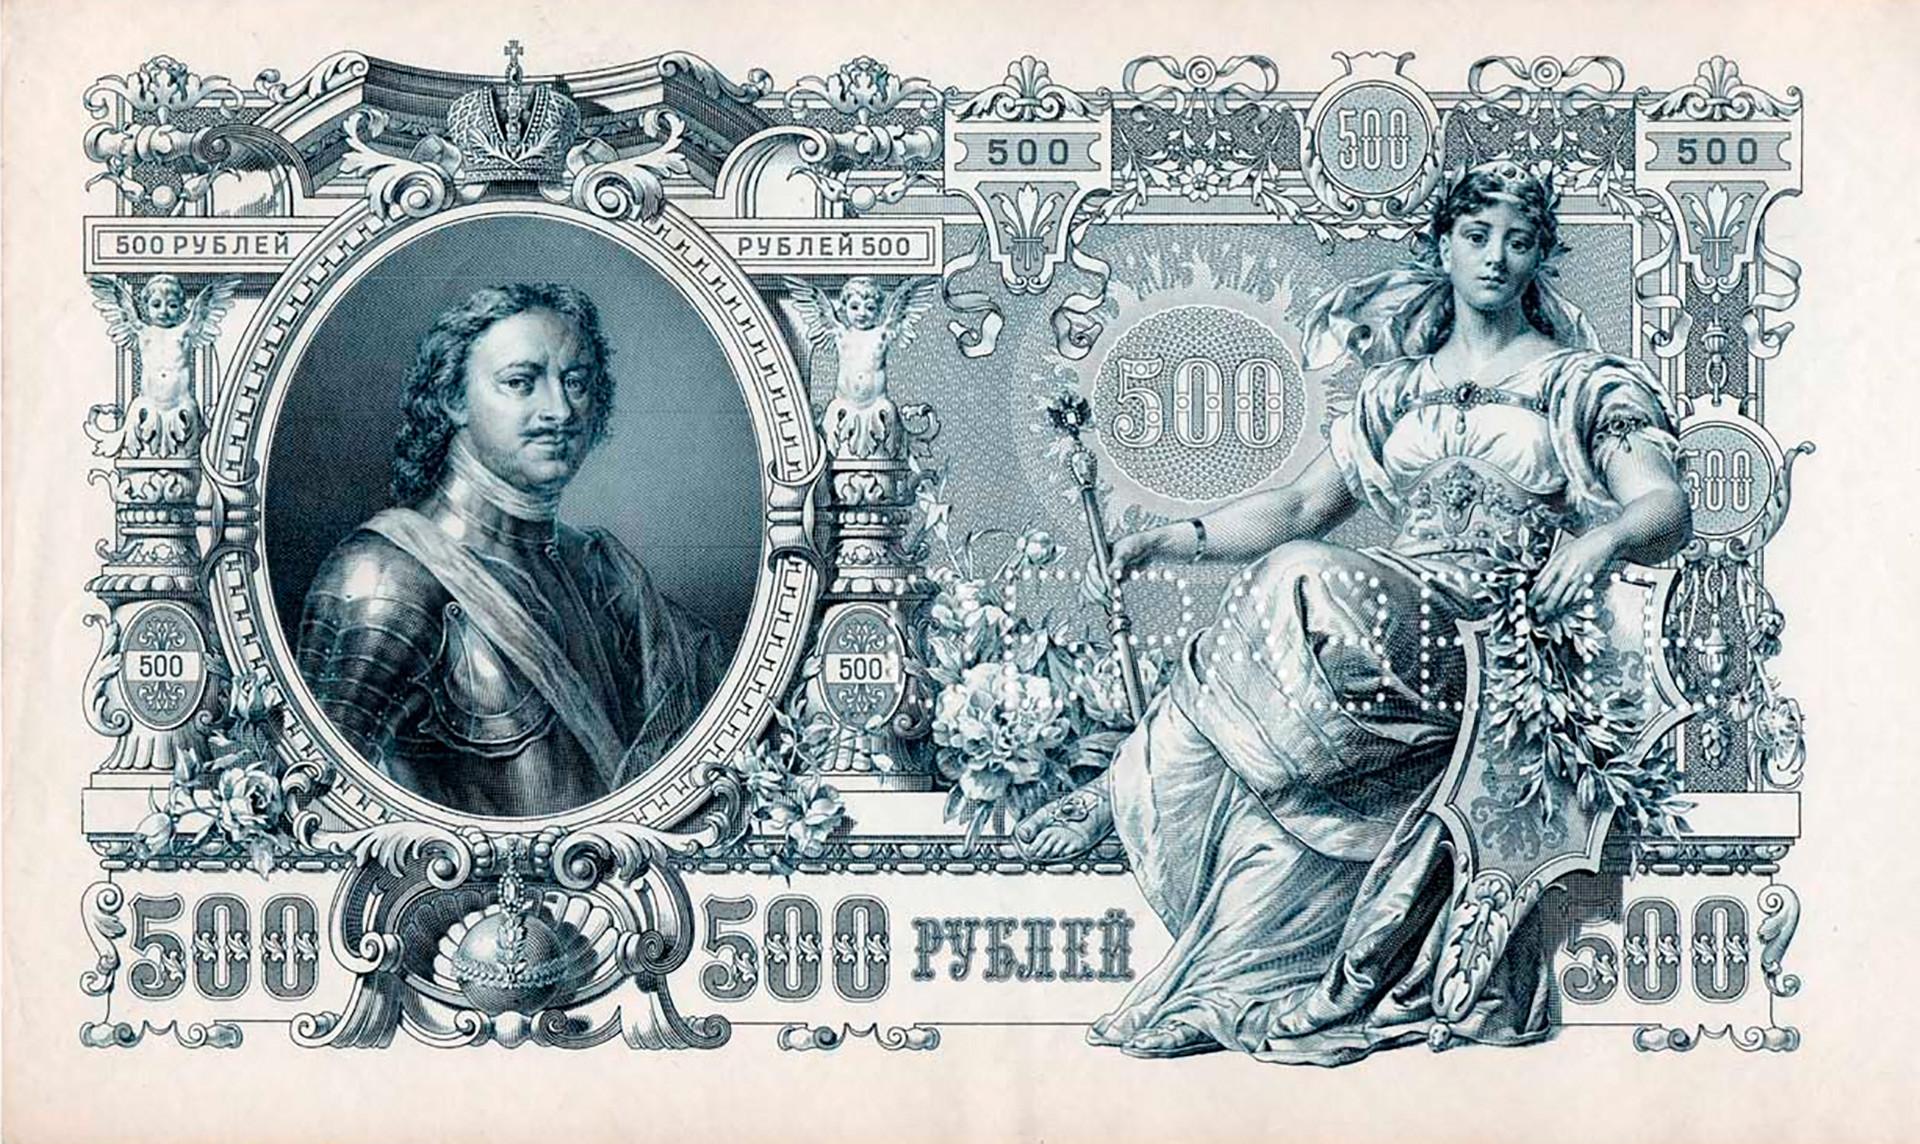 Како је рубља надживела конкуренте и постала једина руска валута